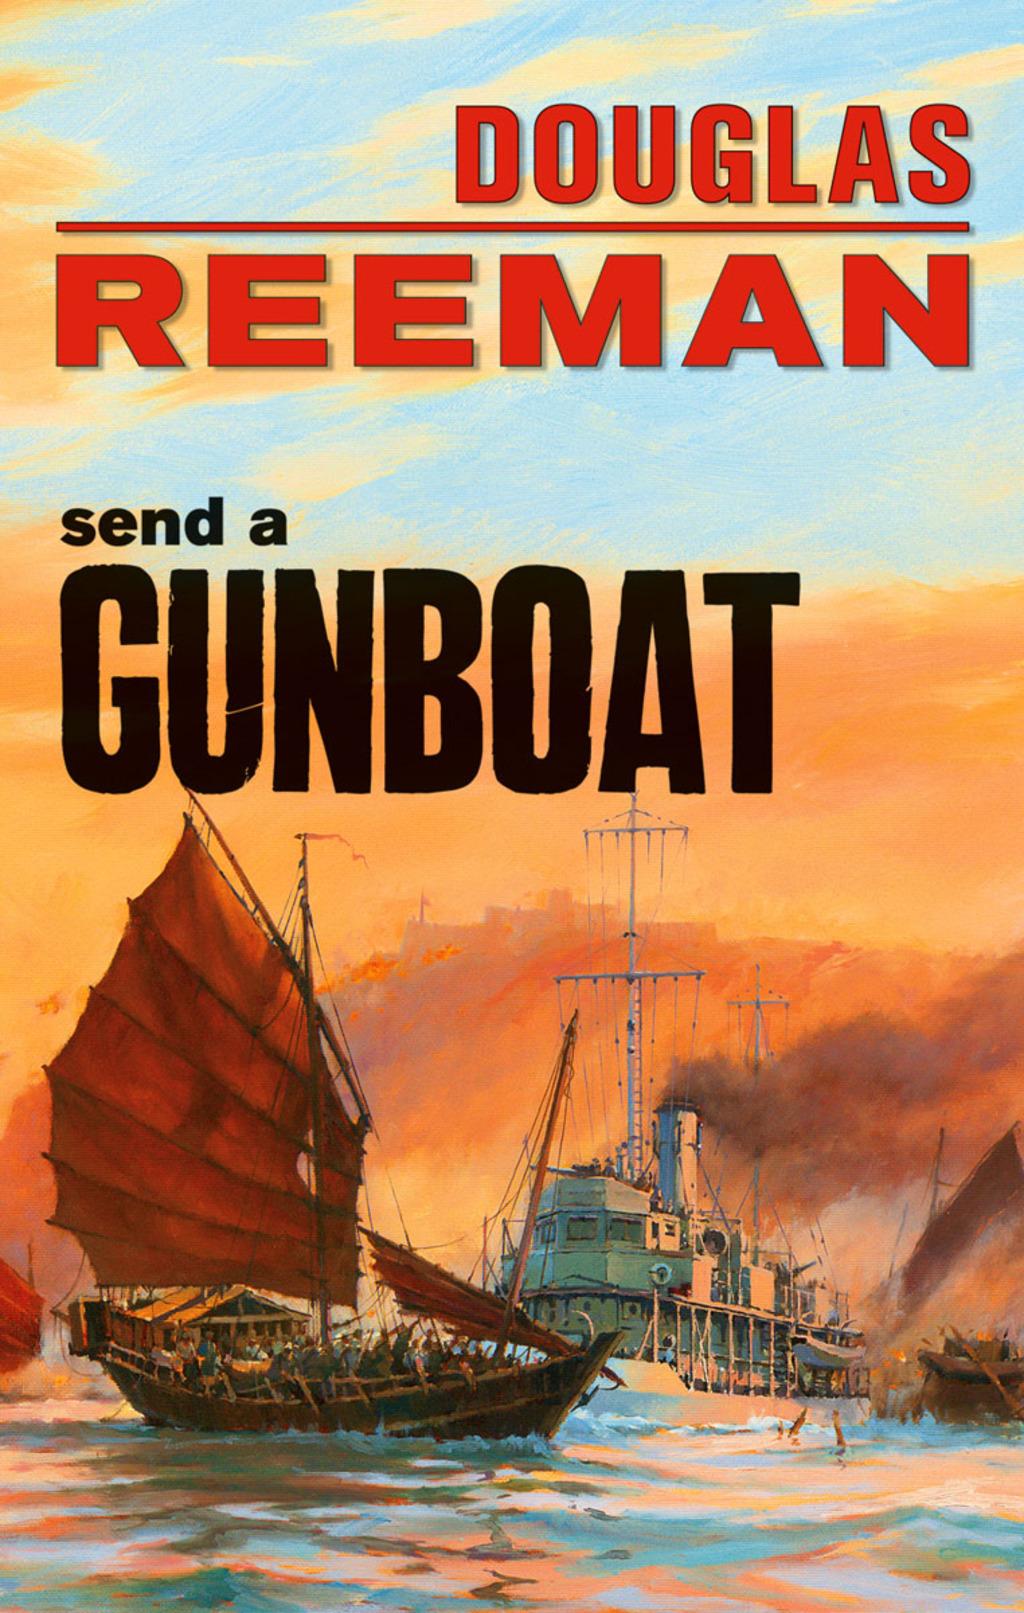 By Douglas Reeman PRINTISBN: 9781590137291 E-TEXT ISBN: 9781590137277 Edition: 1